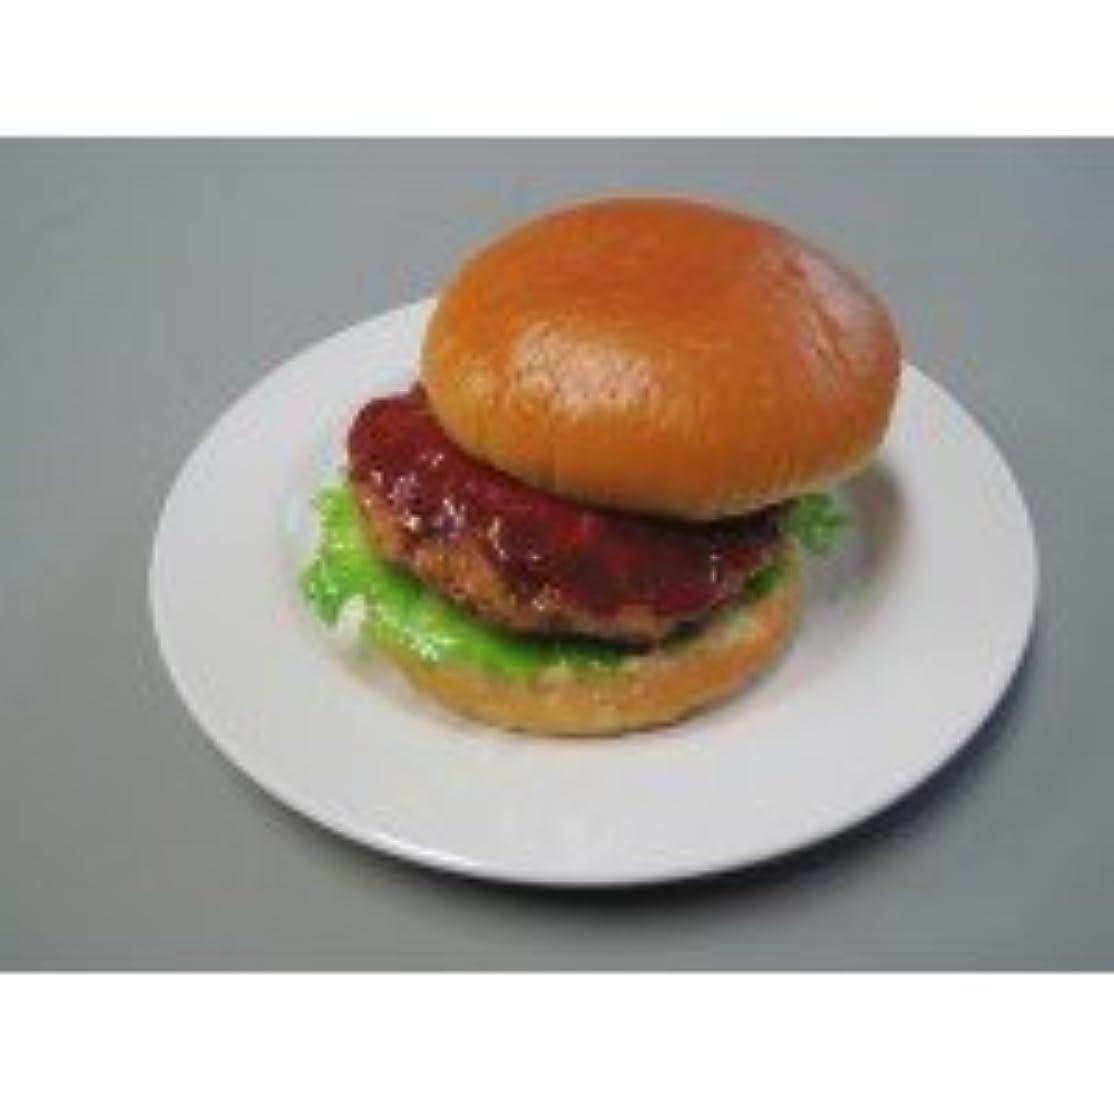 数字どこかシャツ日本職人が作る 食品サンプル ハンバーガー IP-198